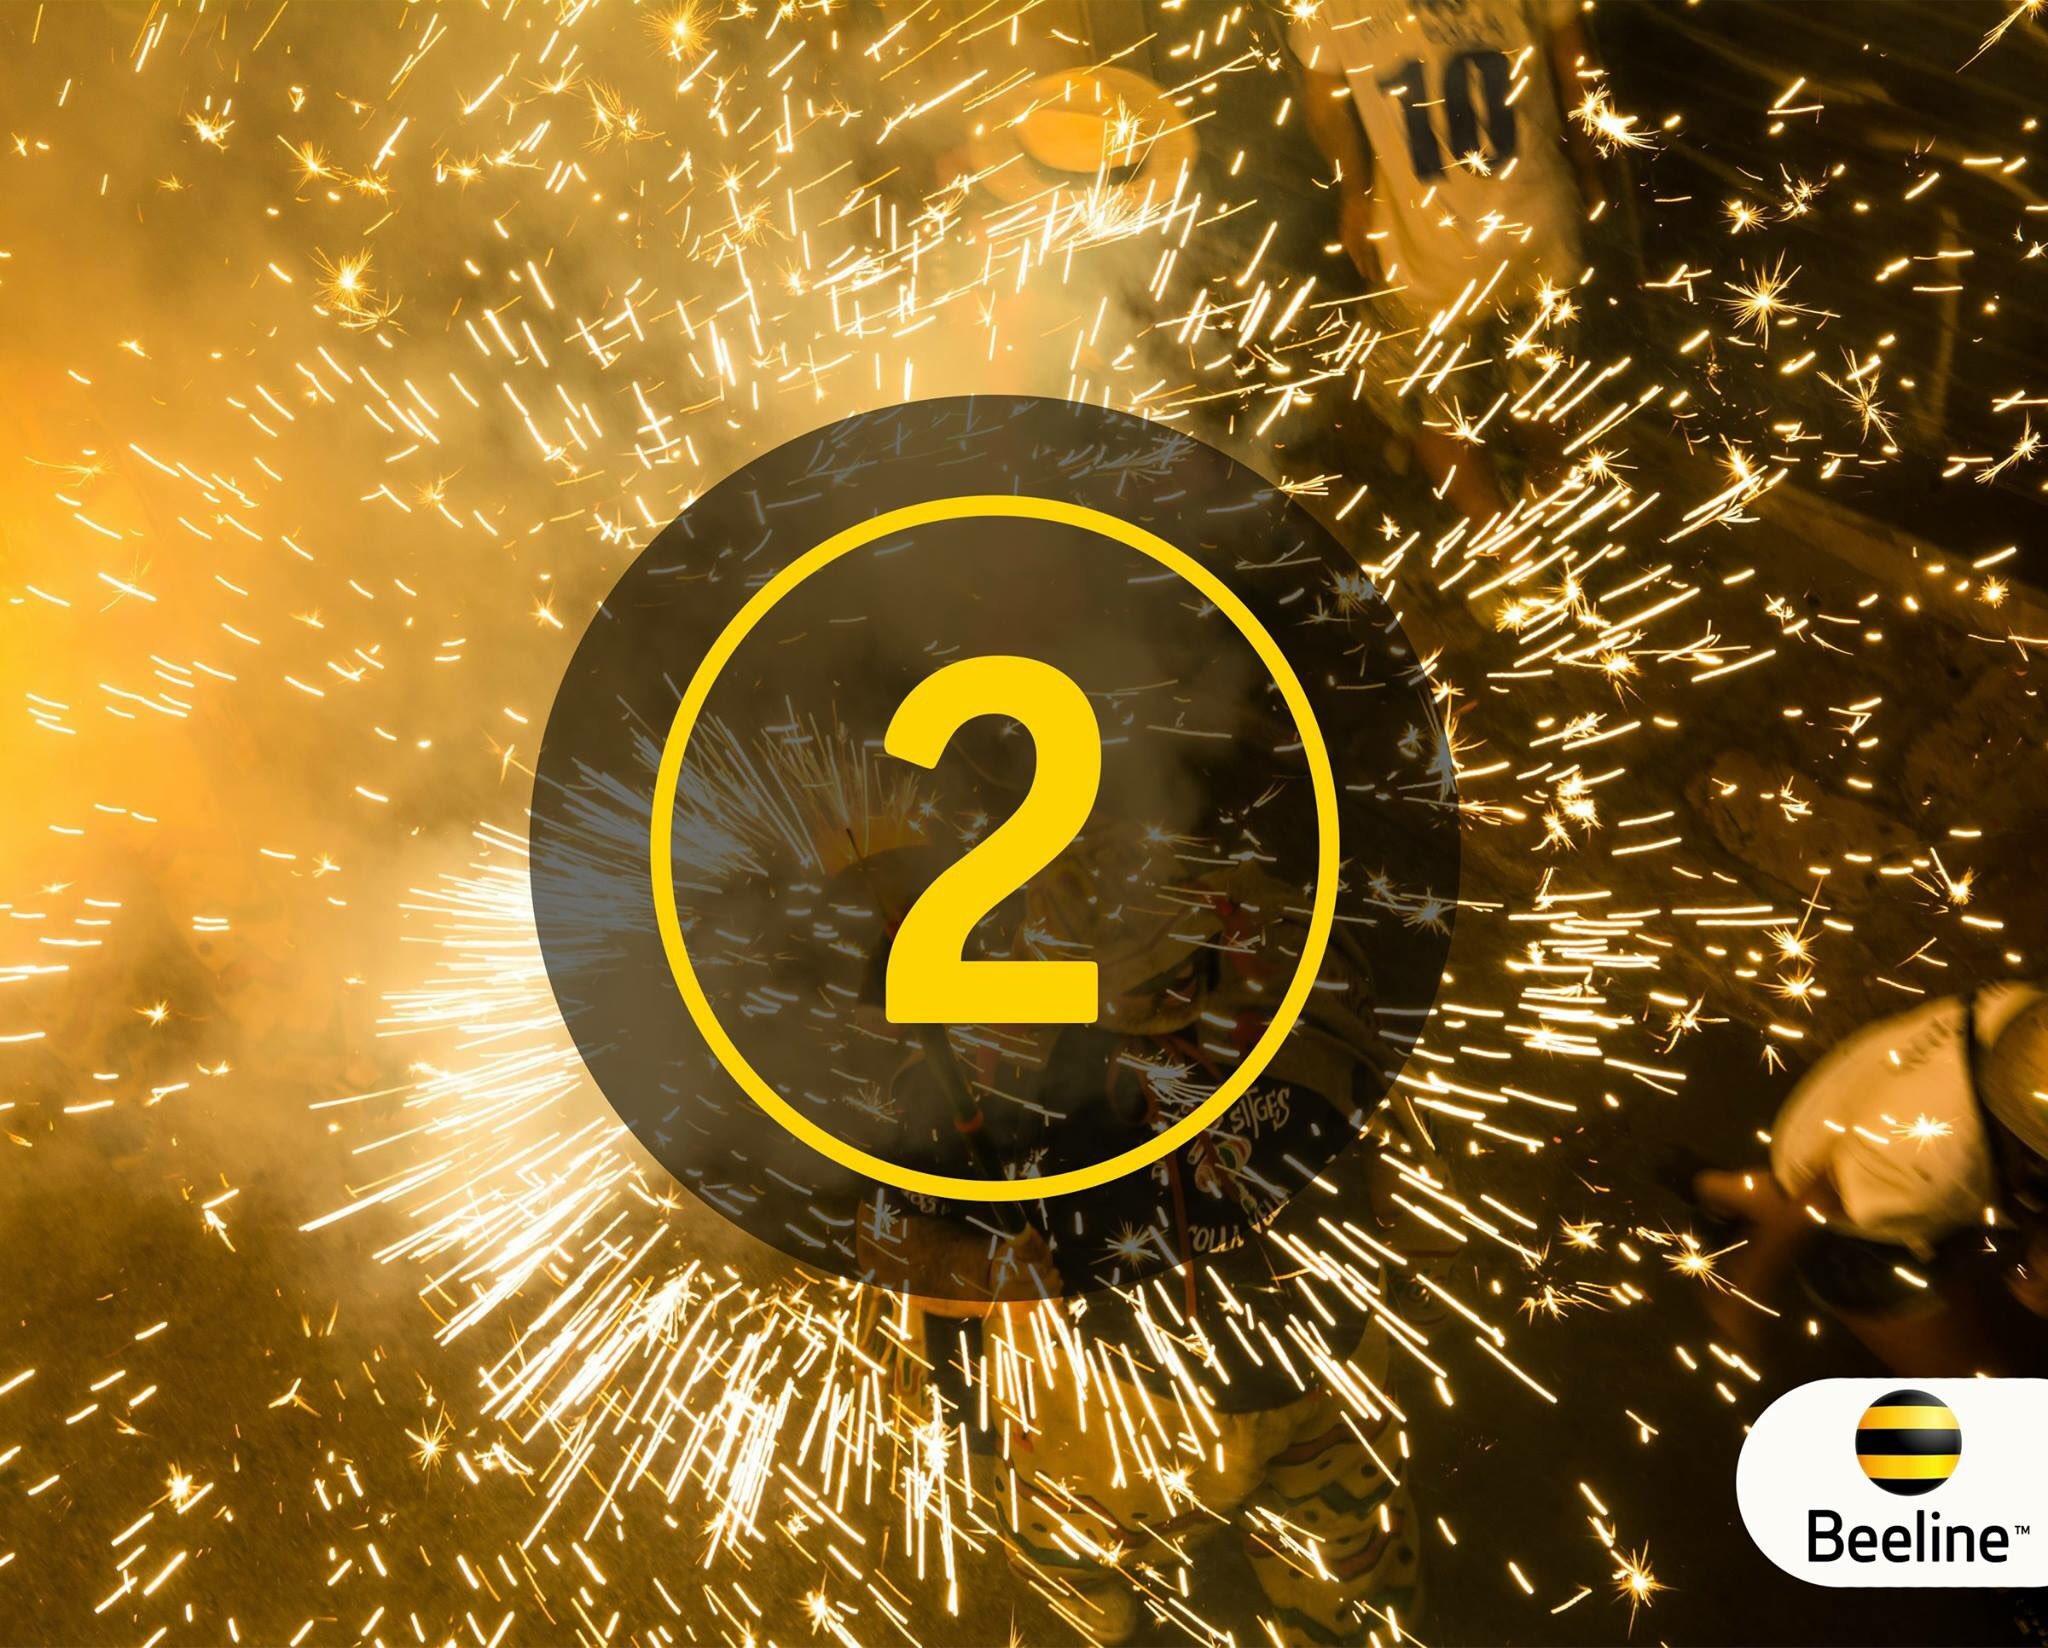 До нового года 29 дней картинки ндс бензин, футболе